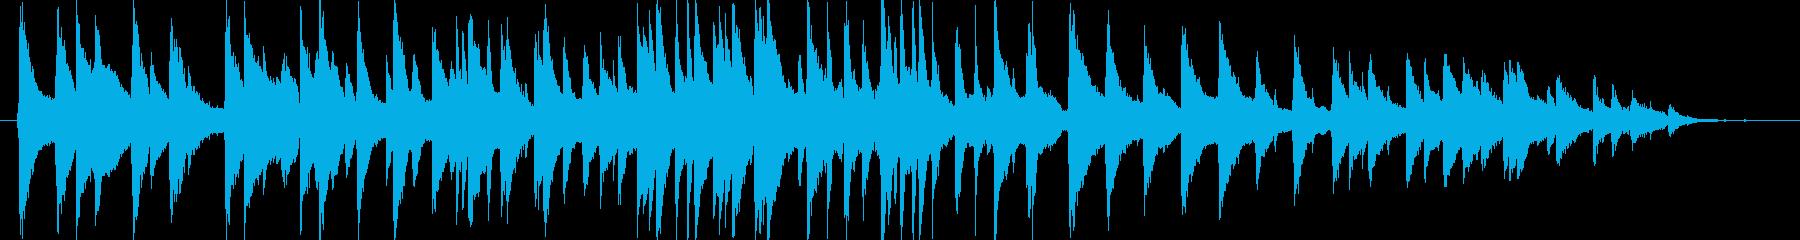 大人の色気漂うジャズ曲の再生済みの波形